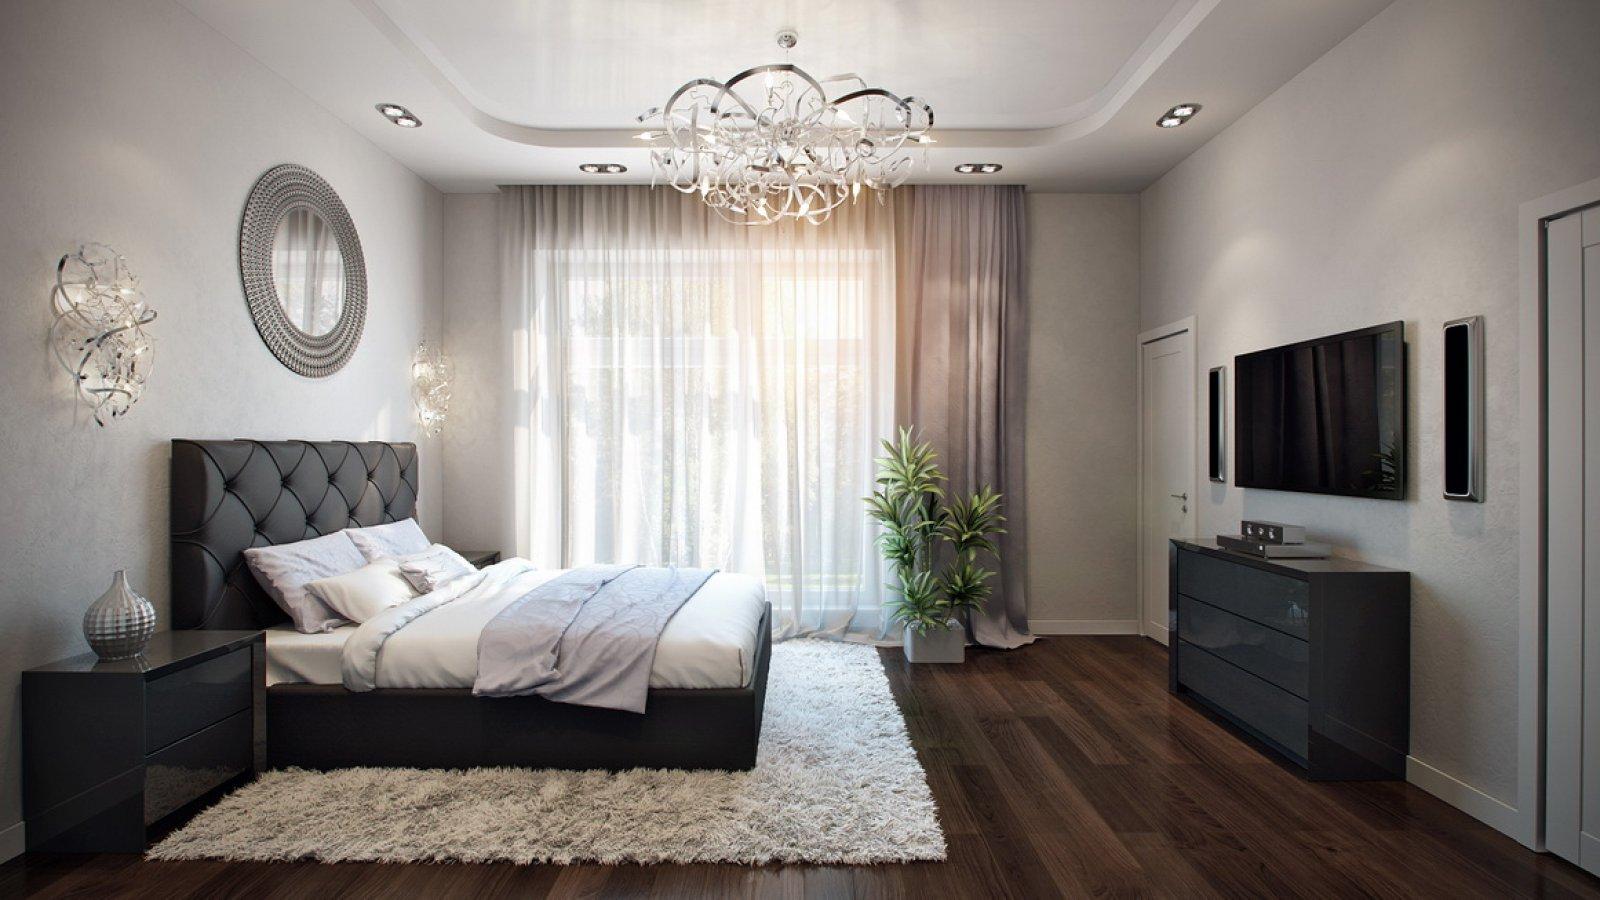 43311378905034 - Идеи интерьера двухкомнатной квартиры